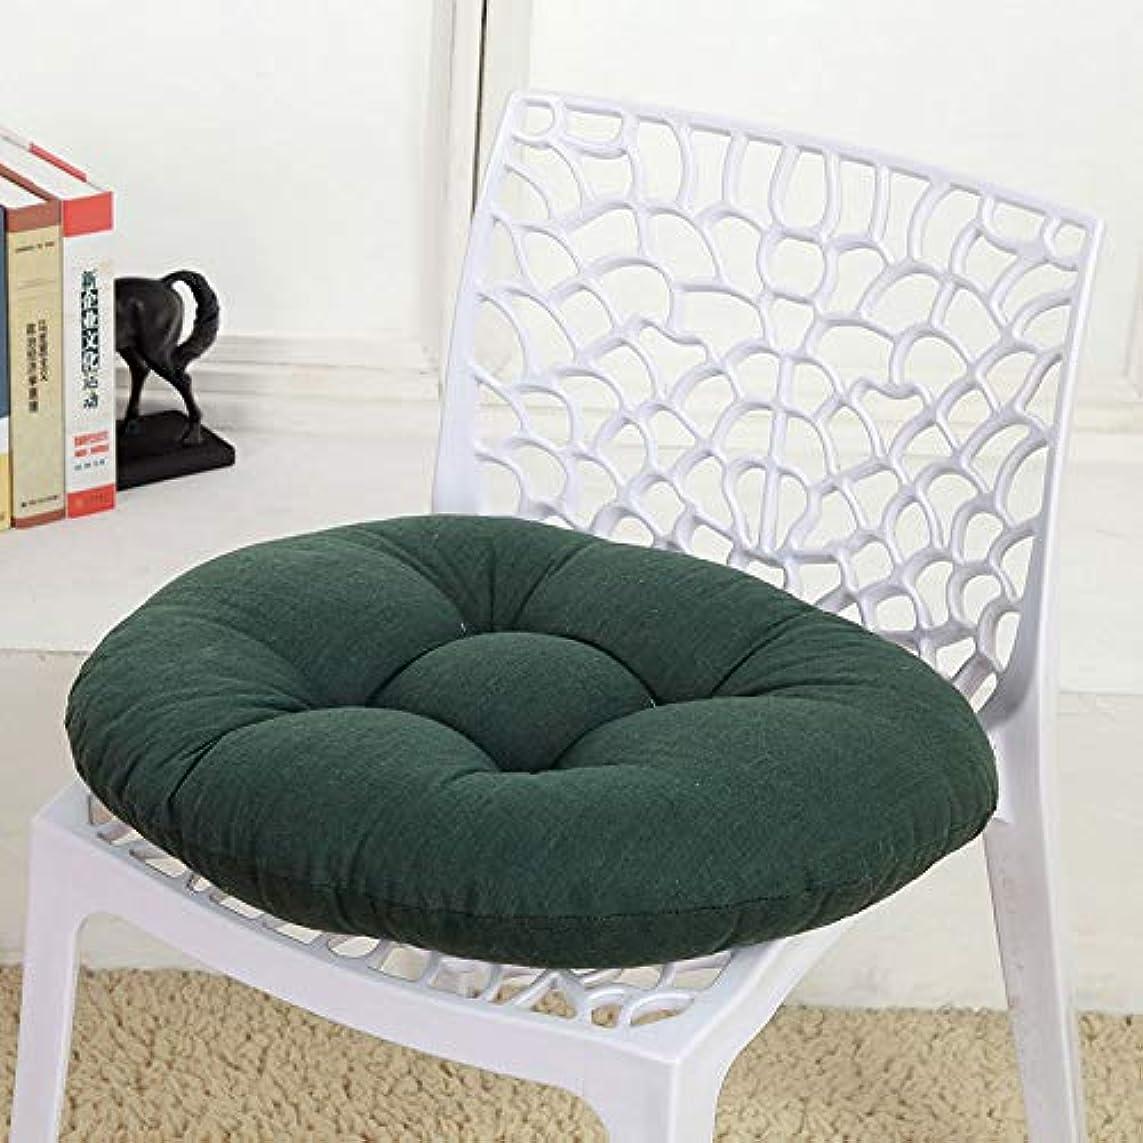 再集計可決ストラップLIFE キャンディカラーのクッションラウンドシートクッション波ウィンドウシートクッションクッション家の装飾パッドラウンド枕シート枕椅子座る枕 クッション 椅子